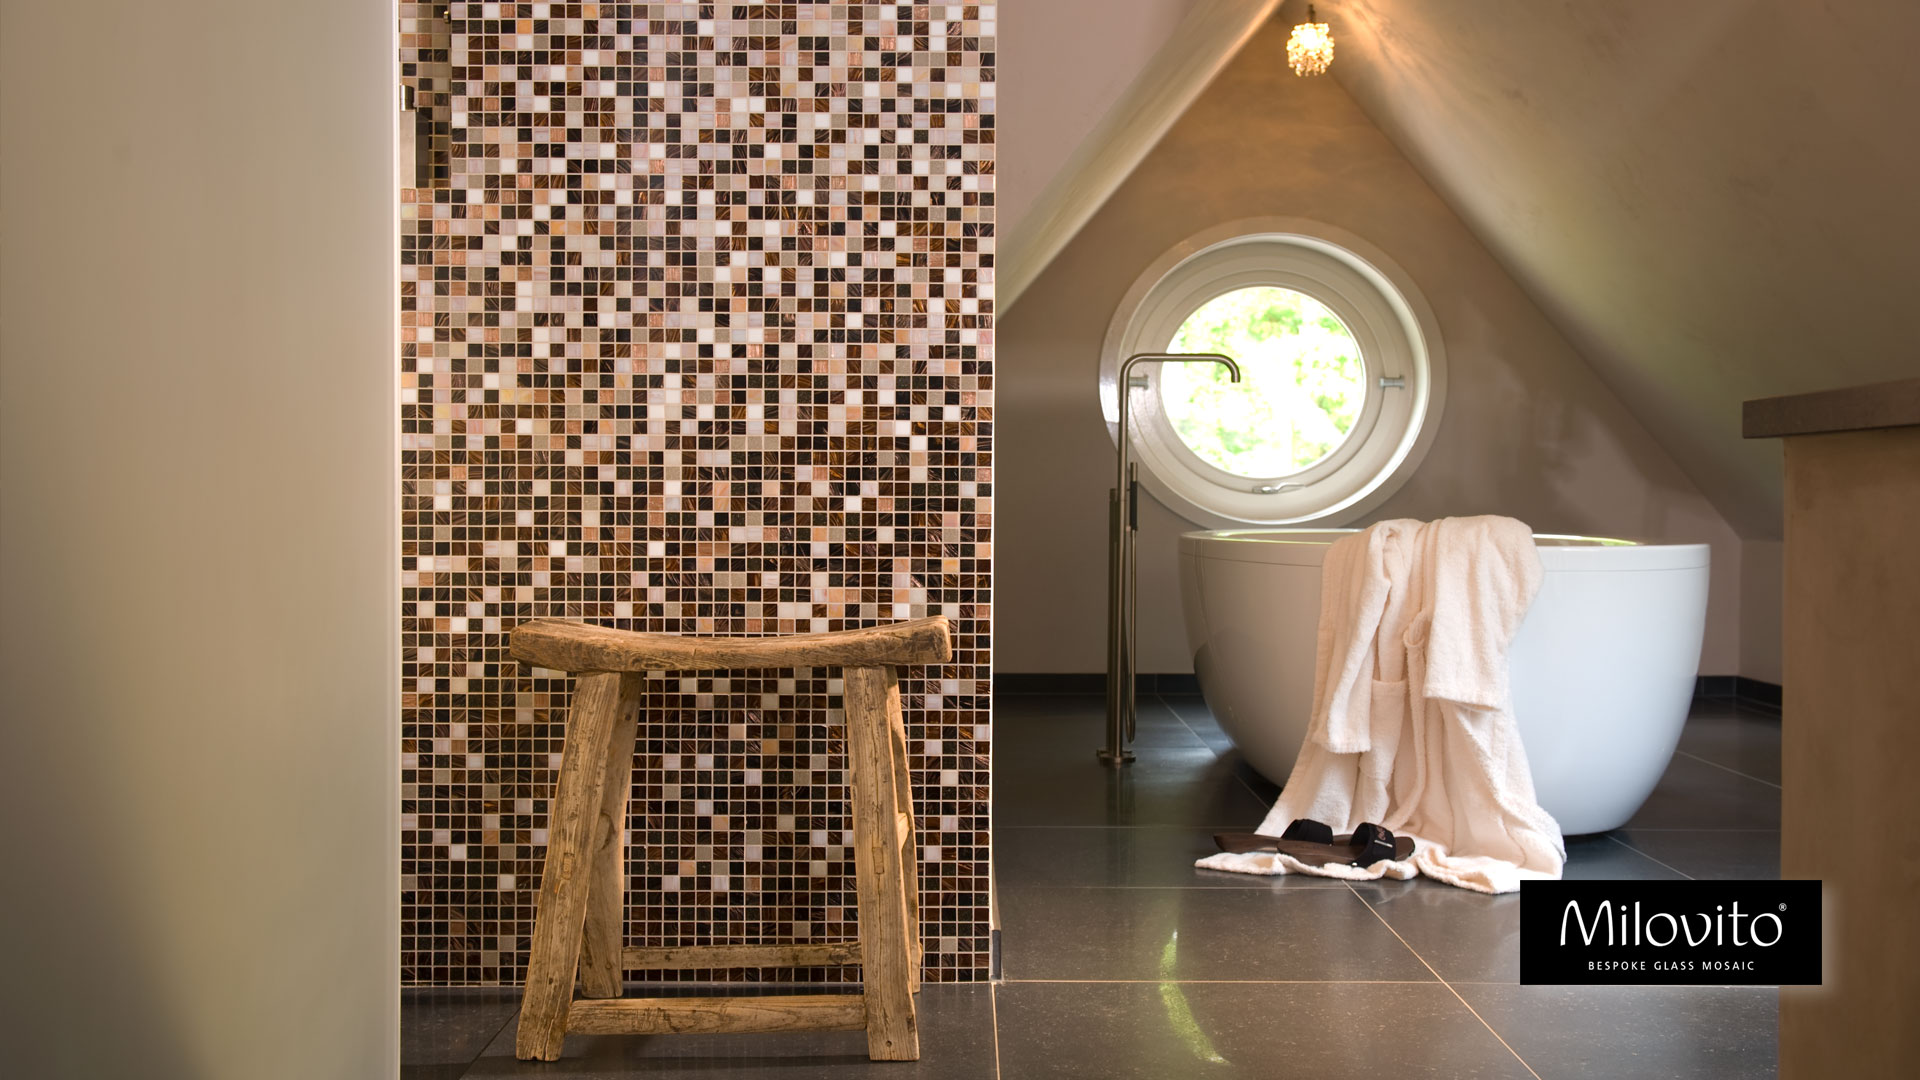 Mozaiek badkamer goedkoop elegant mozaiek badkamer goedkoop eigen